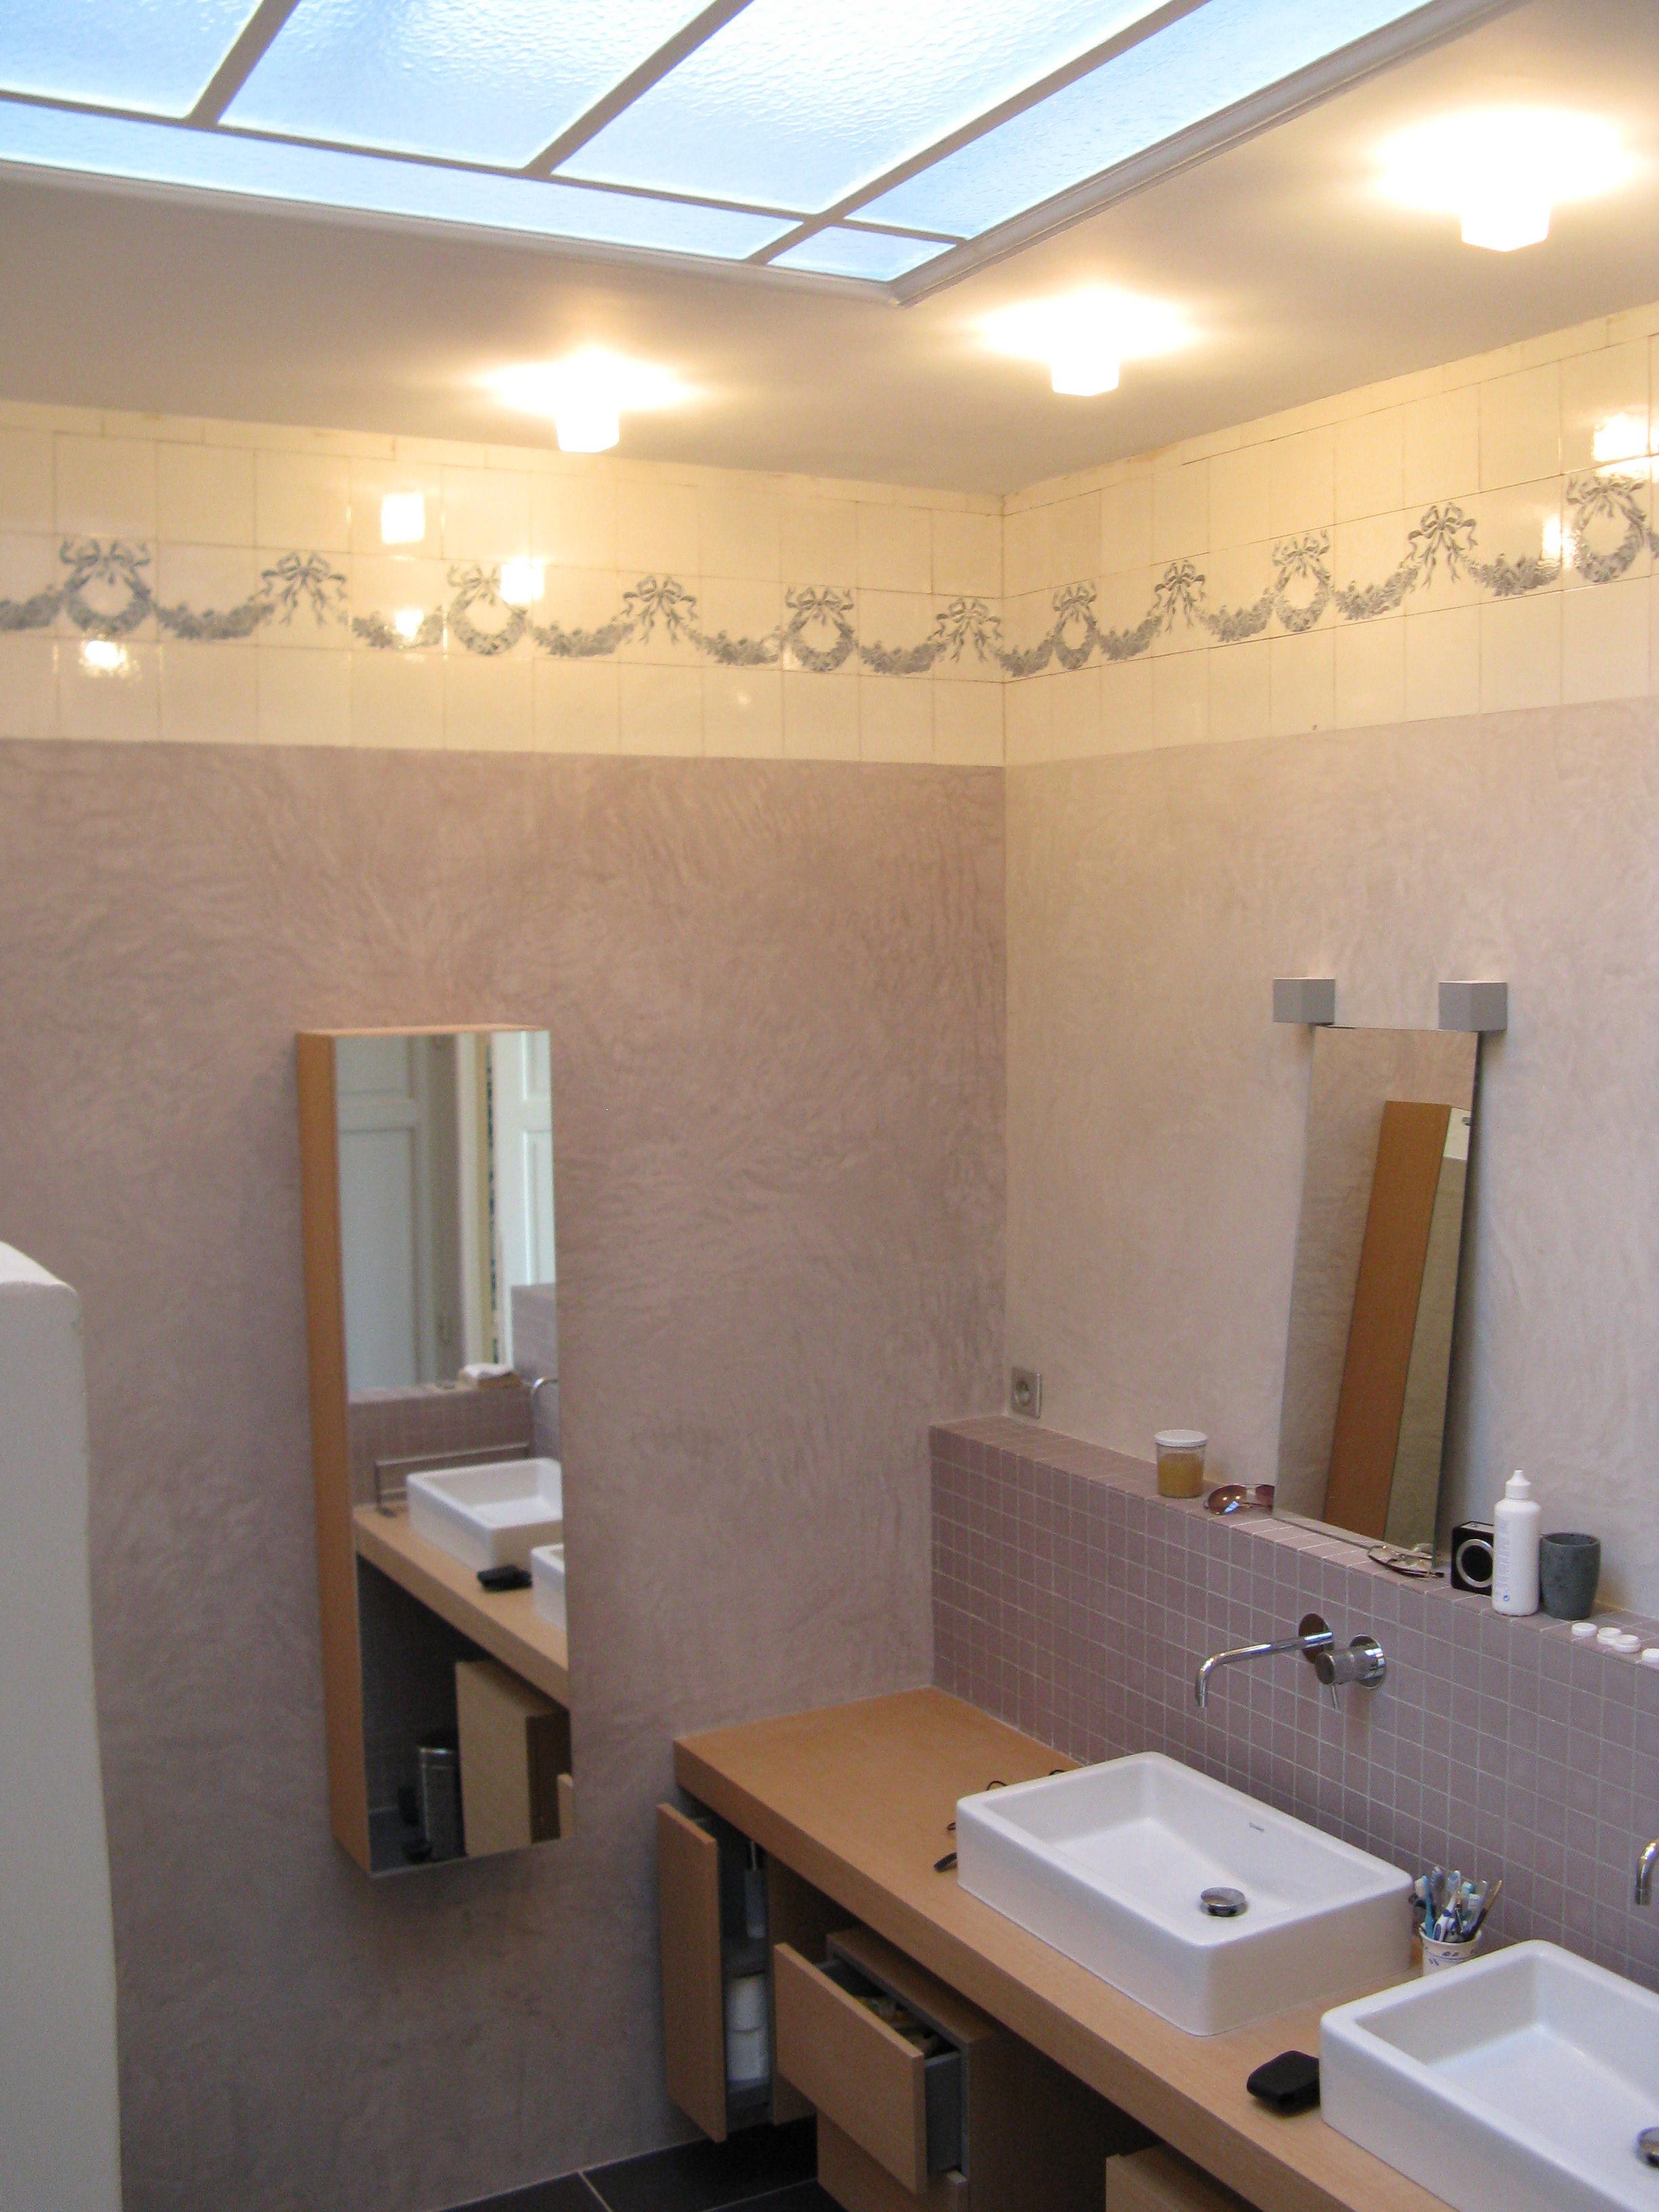 salle de bain enduit chaux stuqué - Haptik